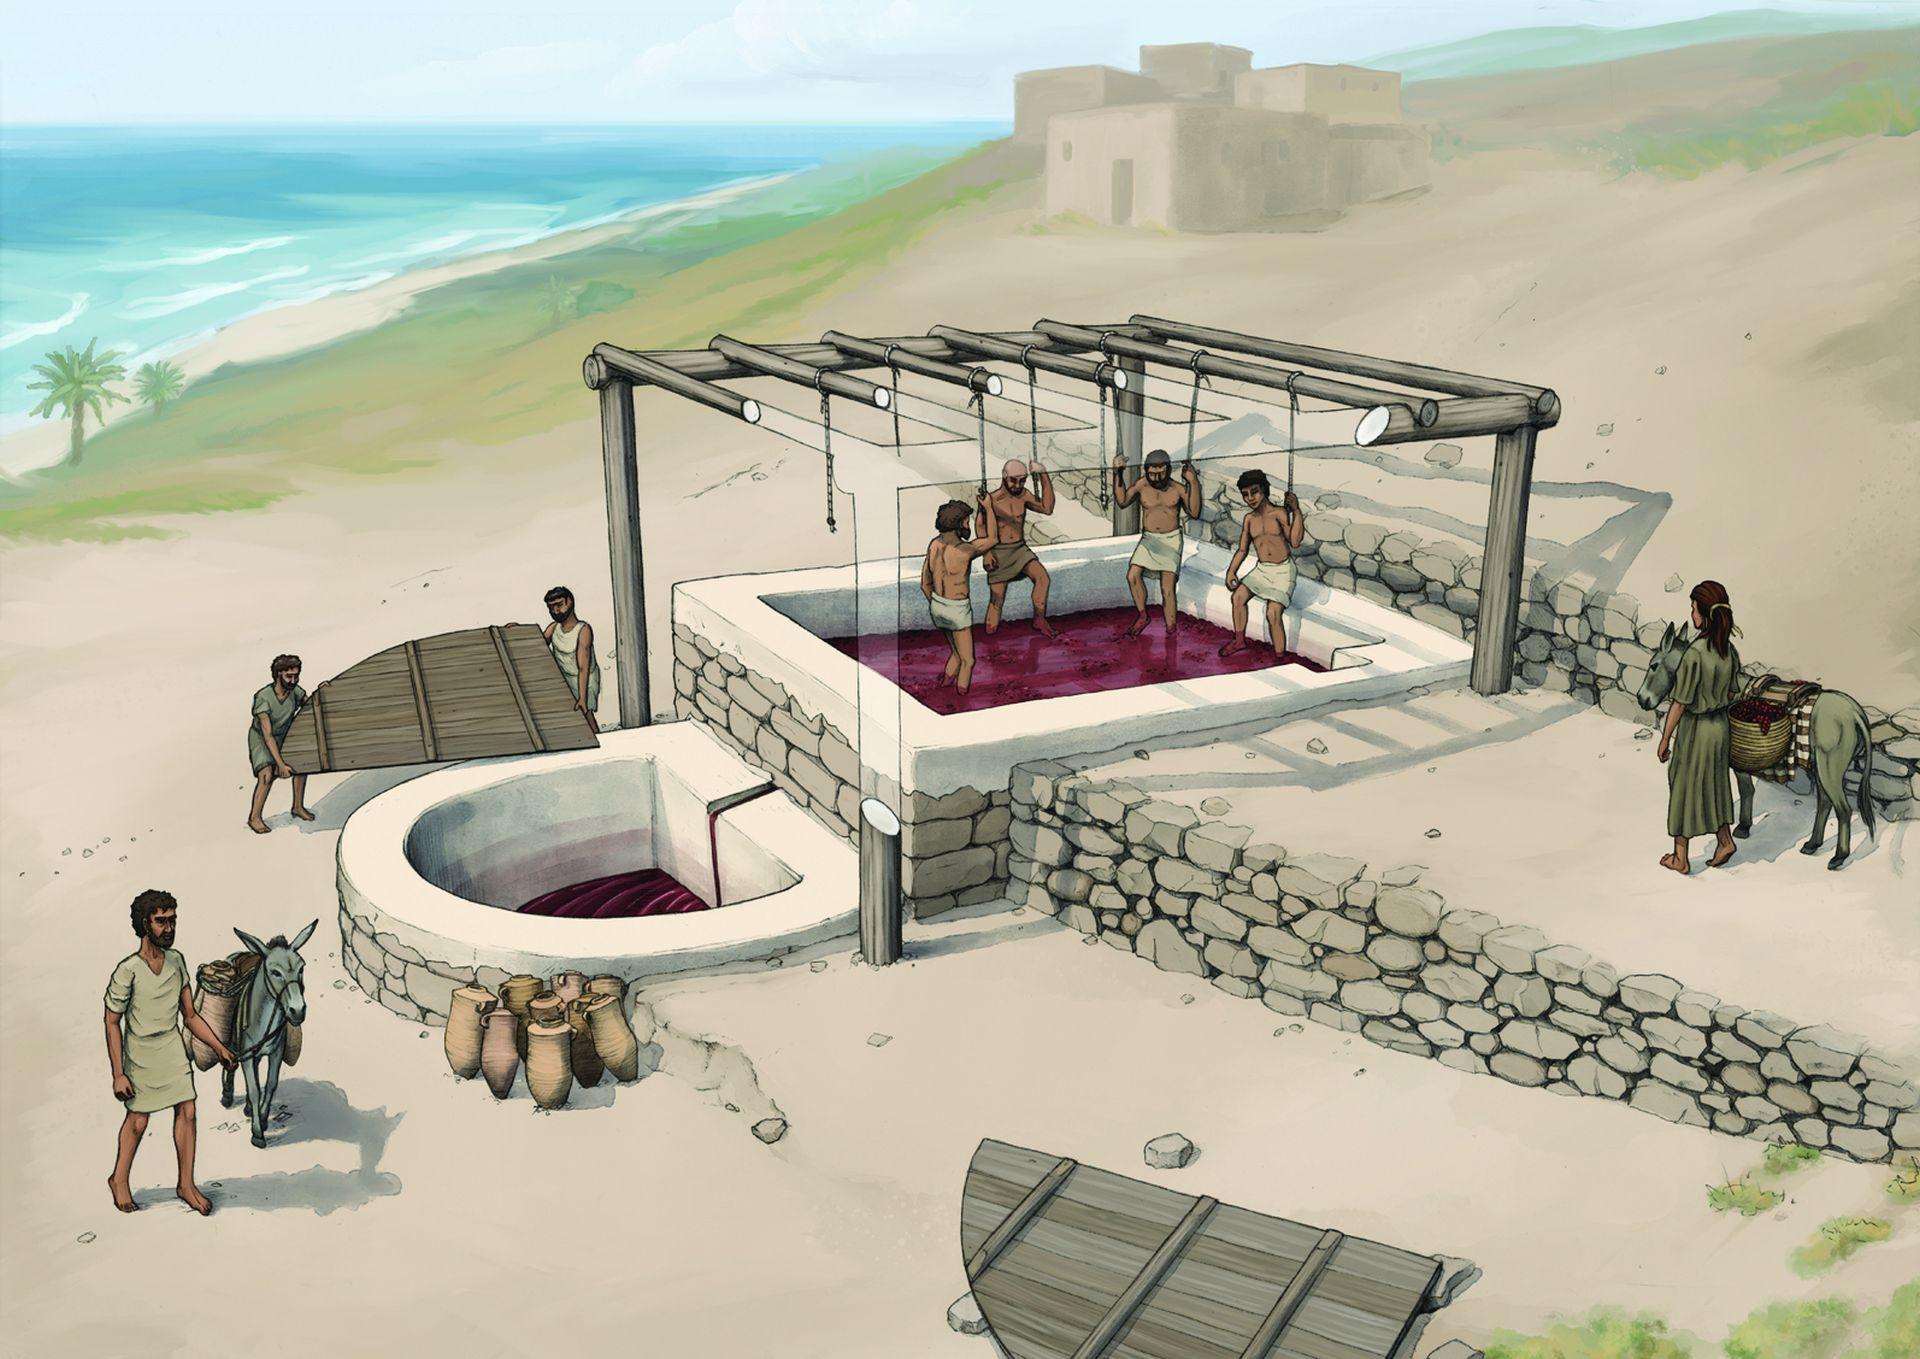 В Ливане нашли пресс для изготовления вина VII века до н. э.